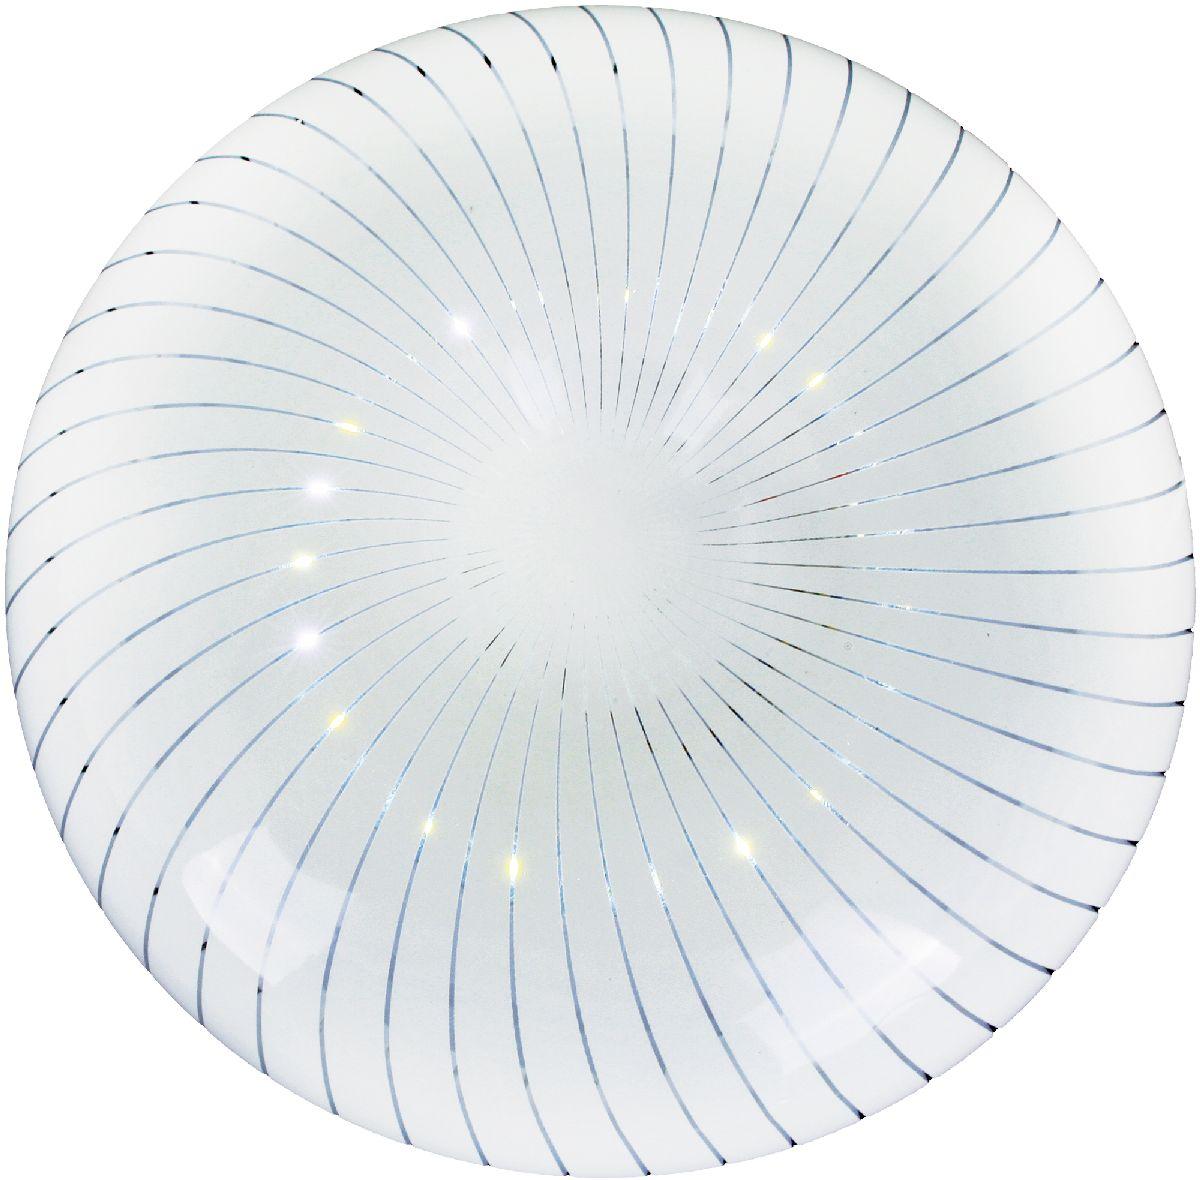 Светильник настенно-потолочный Camelion LBS-0703, LED, 24W, 4500K. 1269012690